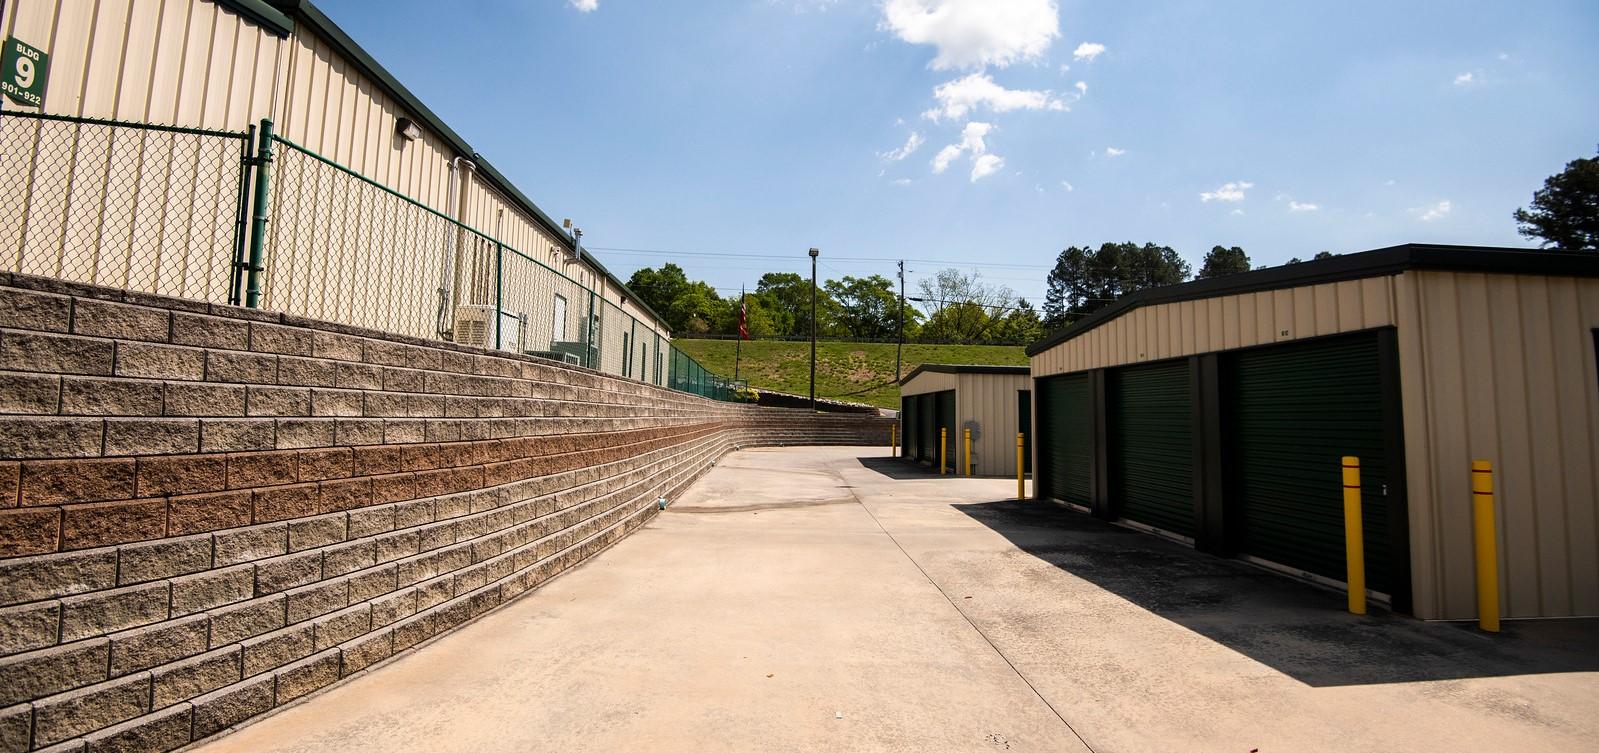 Fenced & Gated Facility Toccoa, GA